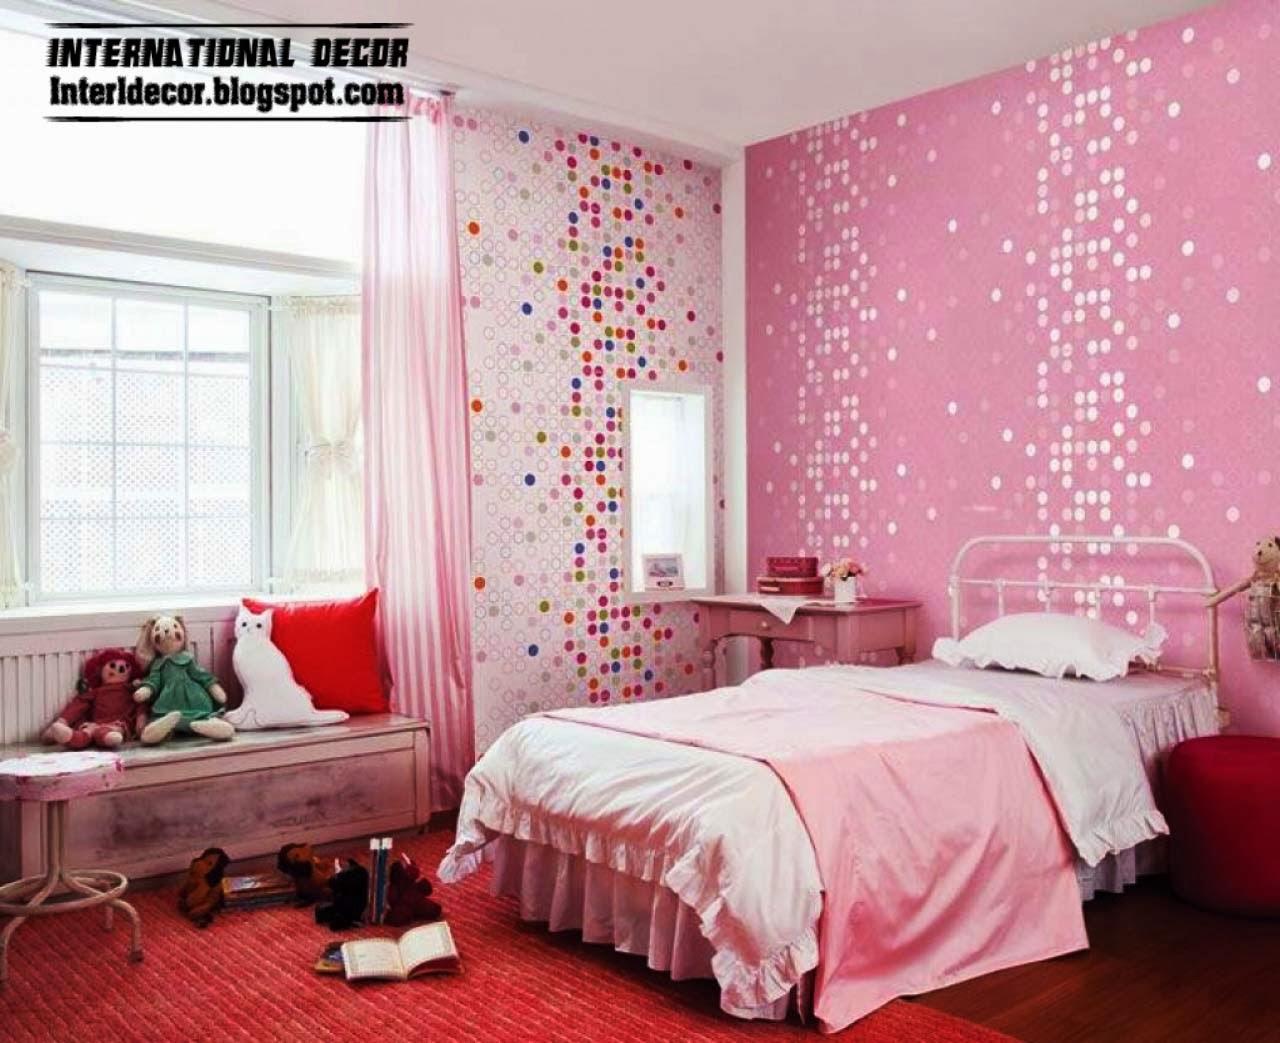 15 Pink Girl's bedroom 2014 : Inspire pink room designs ...